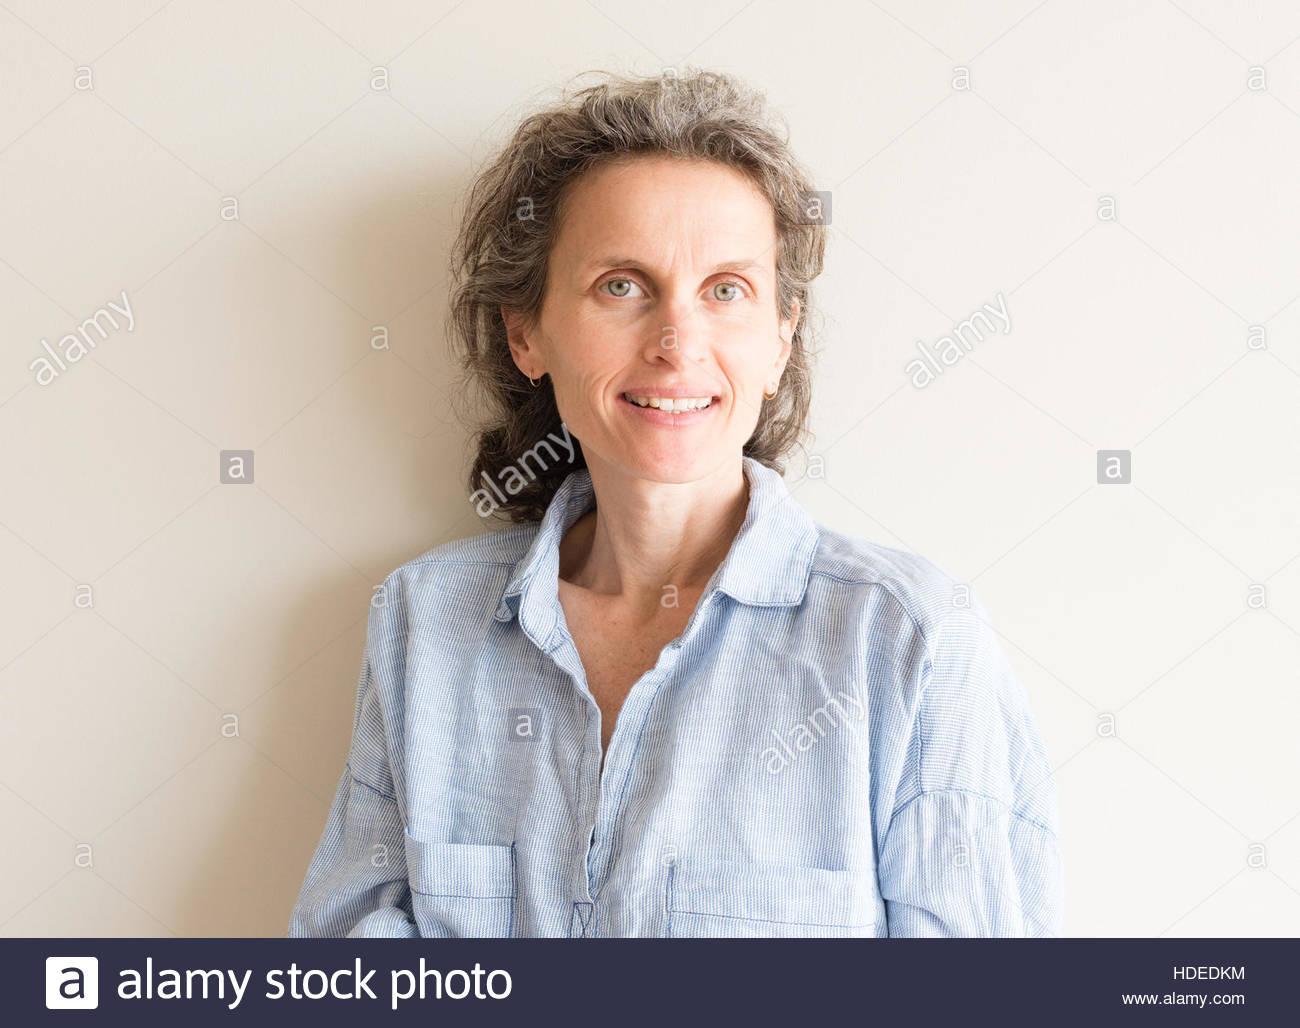 Mujer de mediana edad de aspecto natural, con cabello gris y camisa azul sonriendo Foto de stock